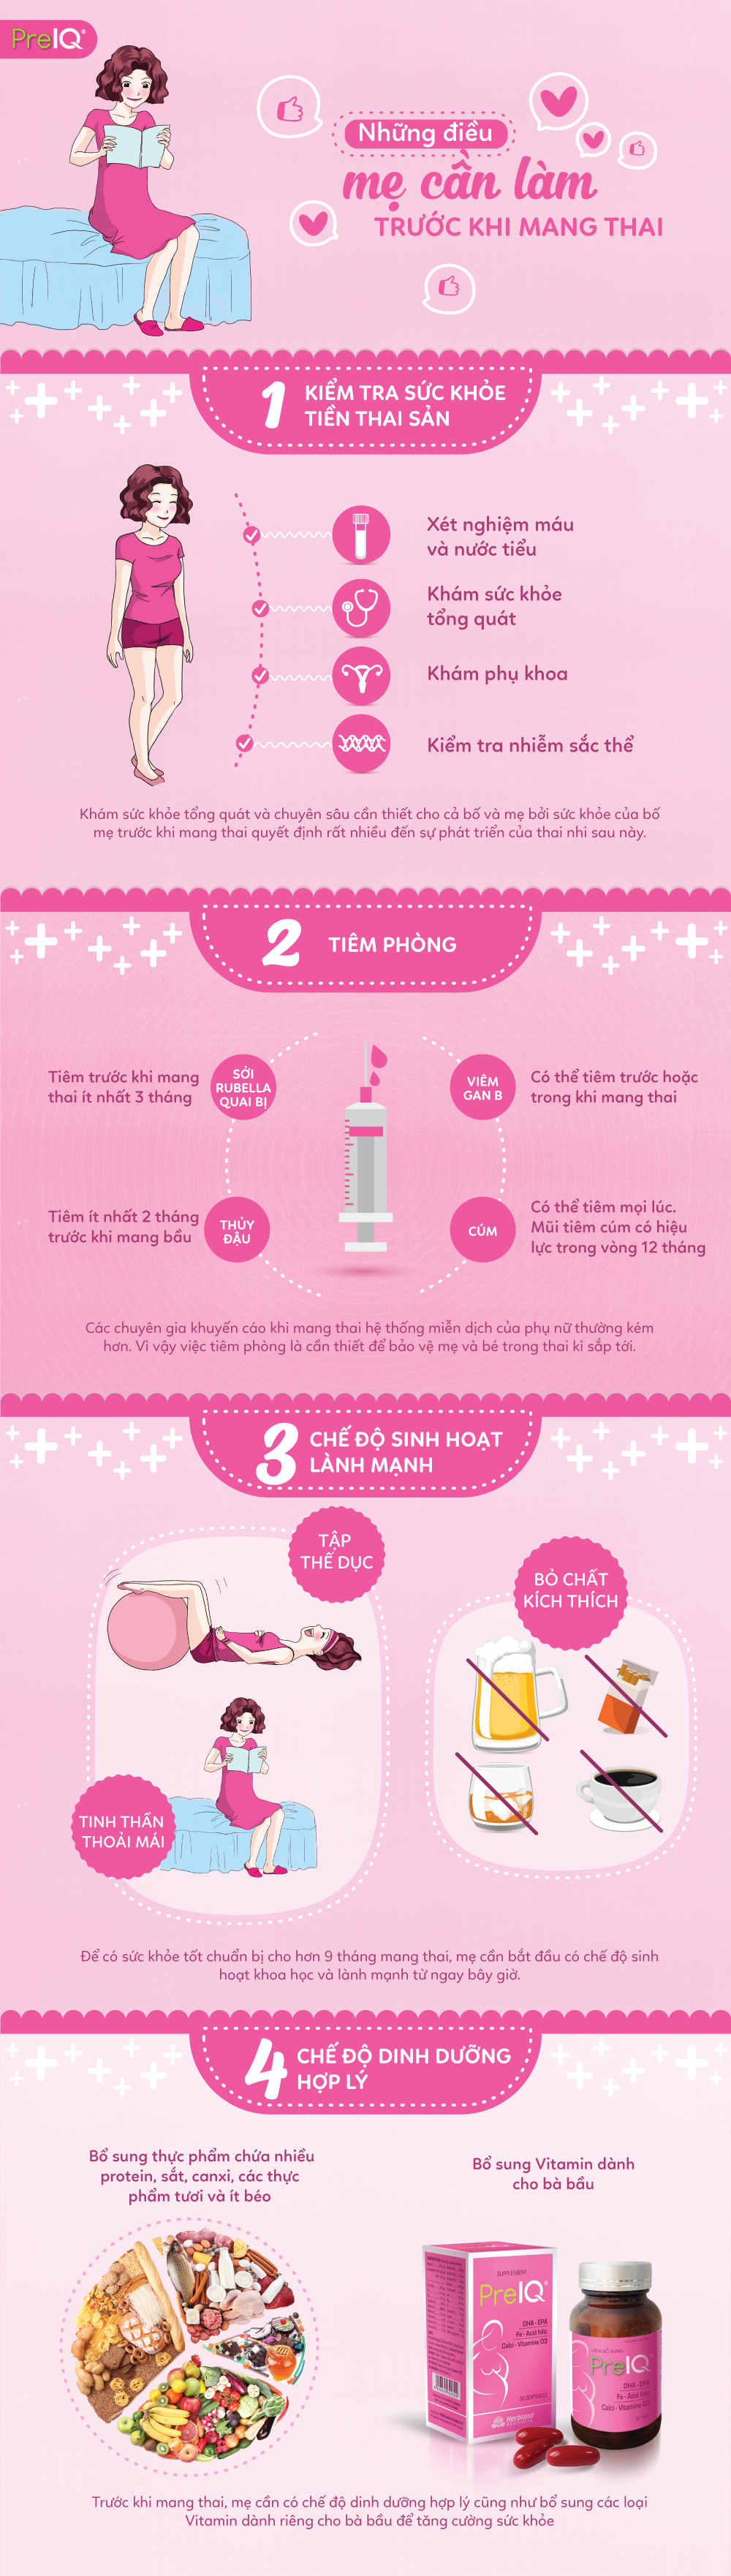 MD_DVD_PreIQ17_Infographic 09_v2.2